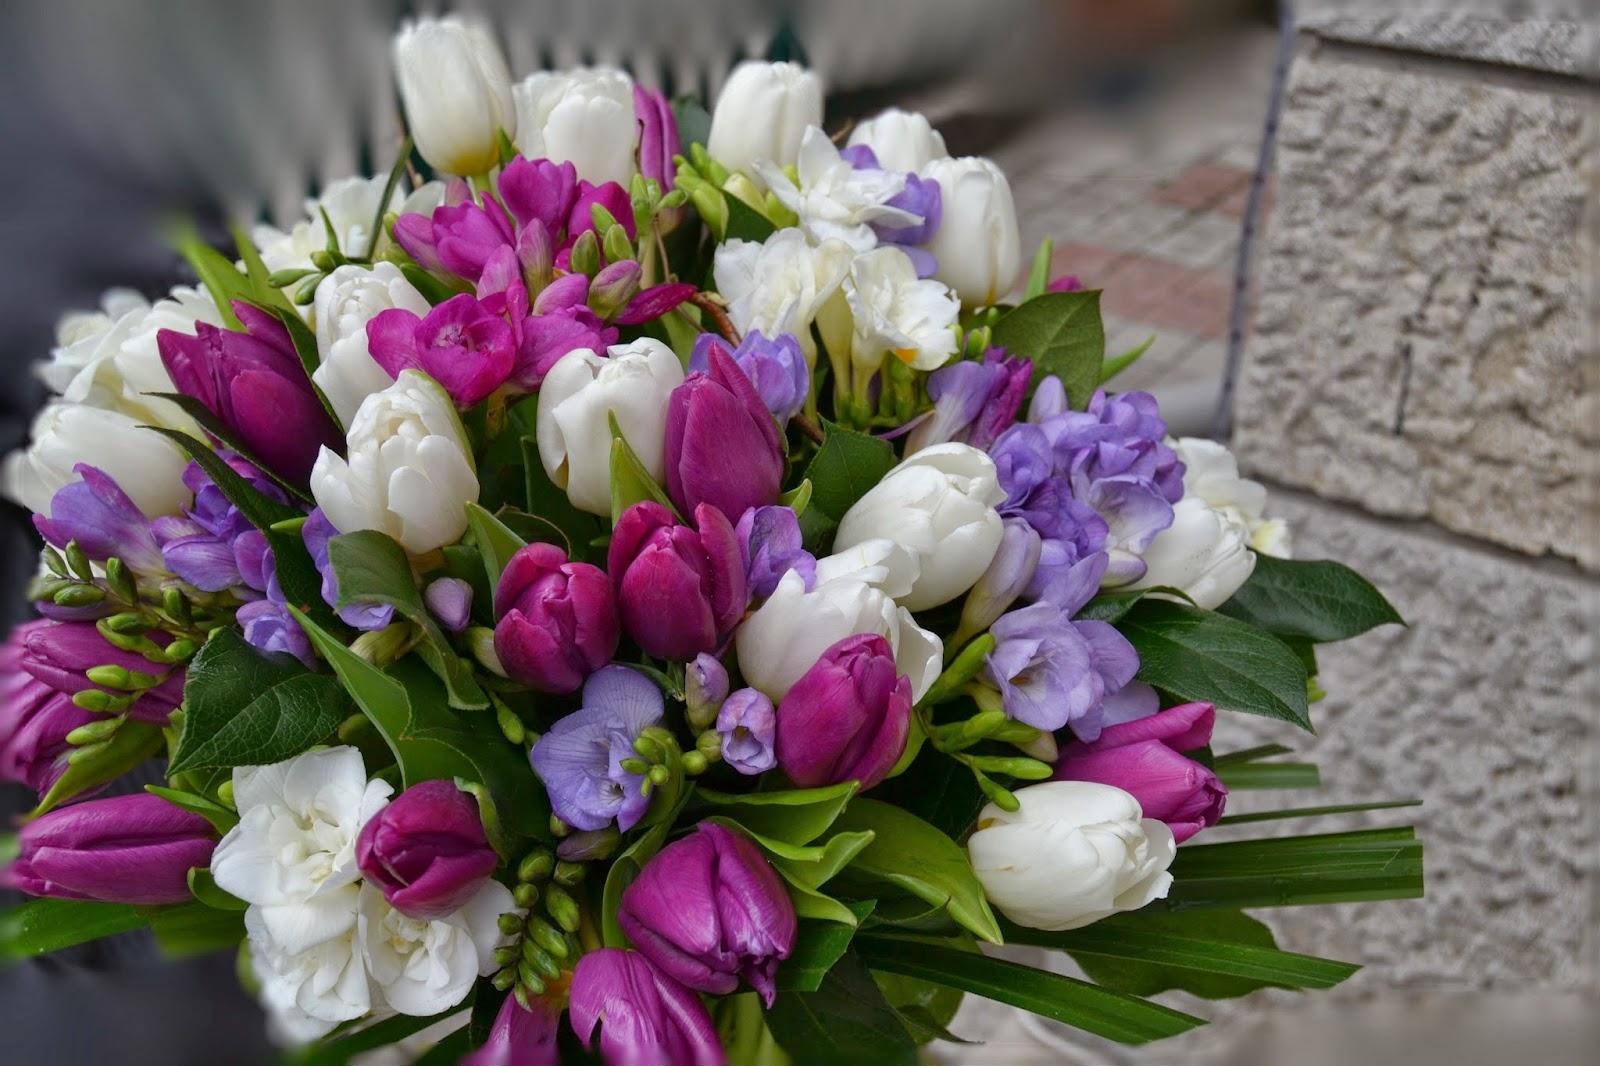 Anamaria Grama Design Floral Aranjament Floral Cu Lalele Albe